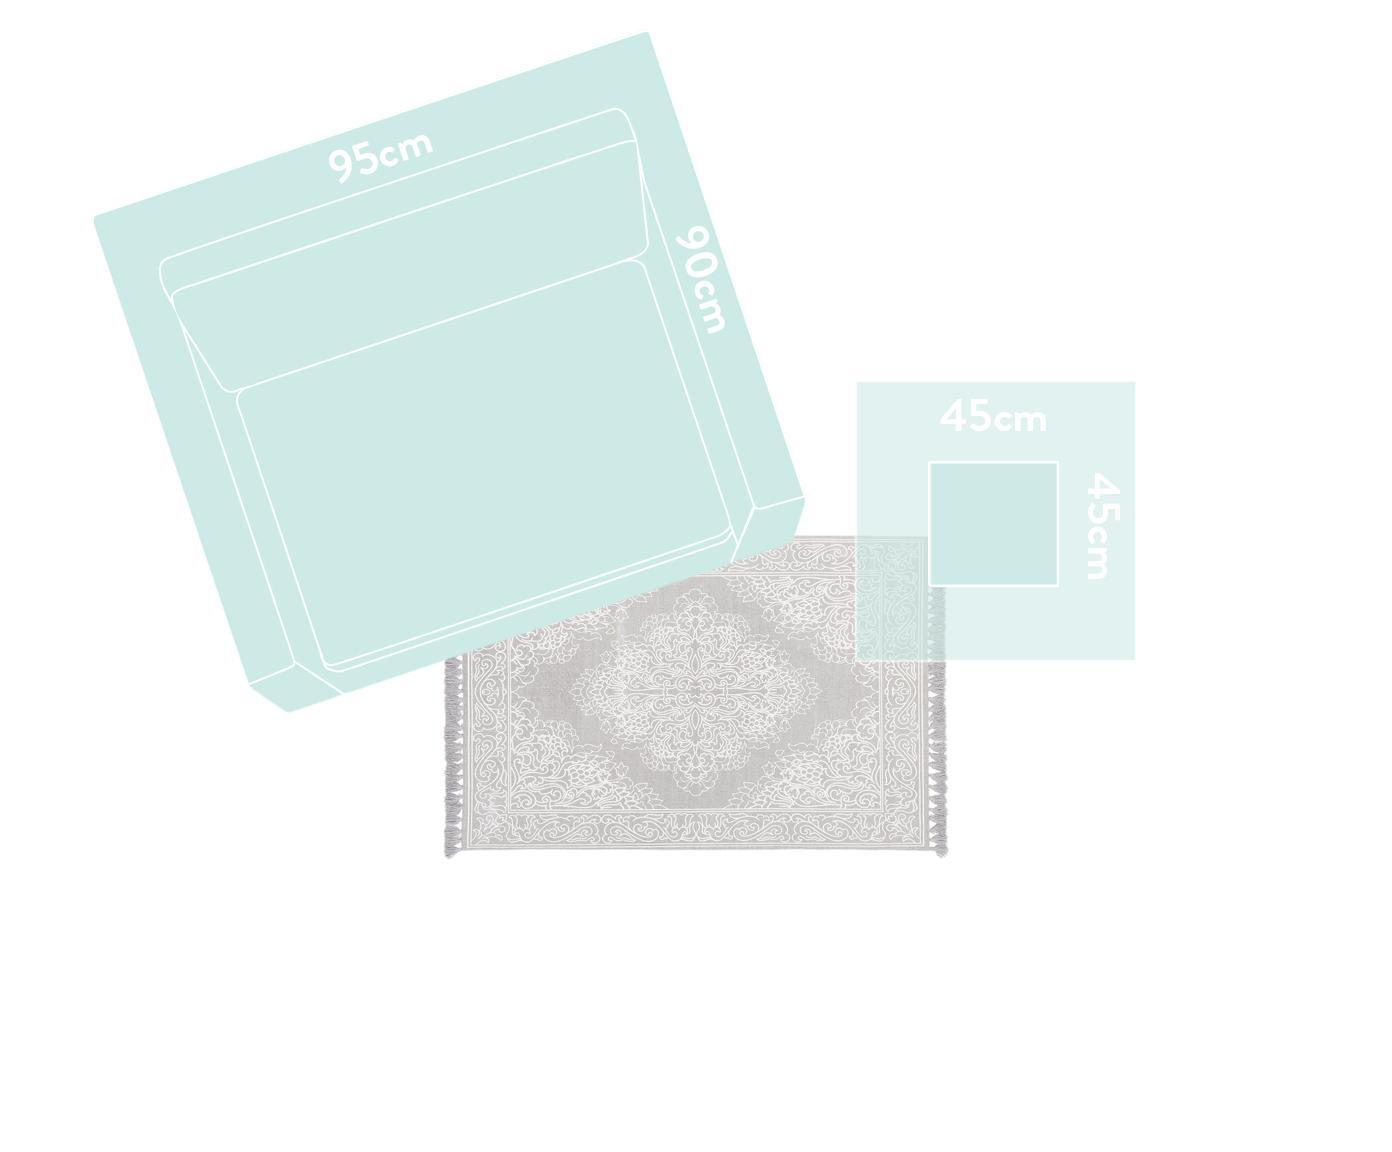 Ręcznie tkany dywan z bawełny z chwostami Salima, 100% bawełna, Jasny szary, kremowobiały, S 120 x D 180 cm (Rozmiar S)